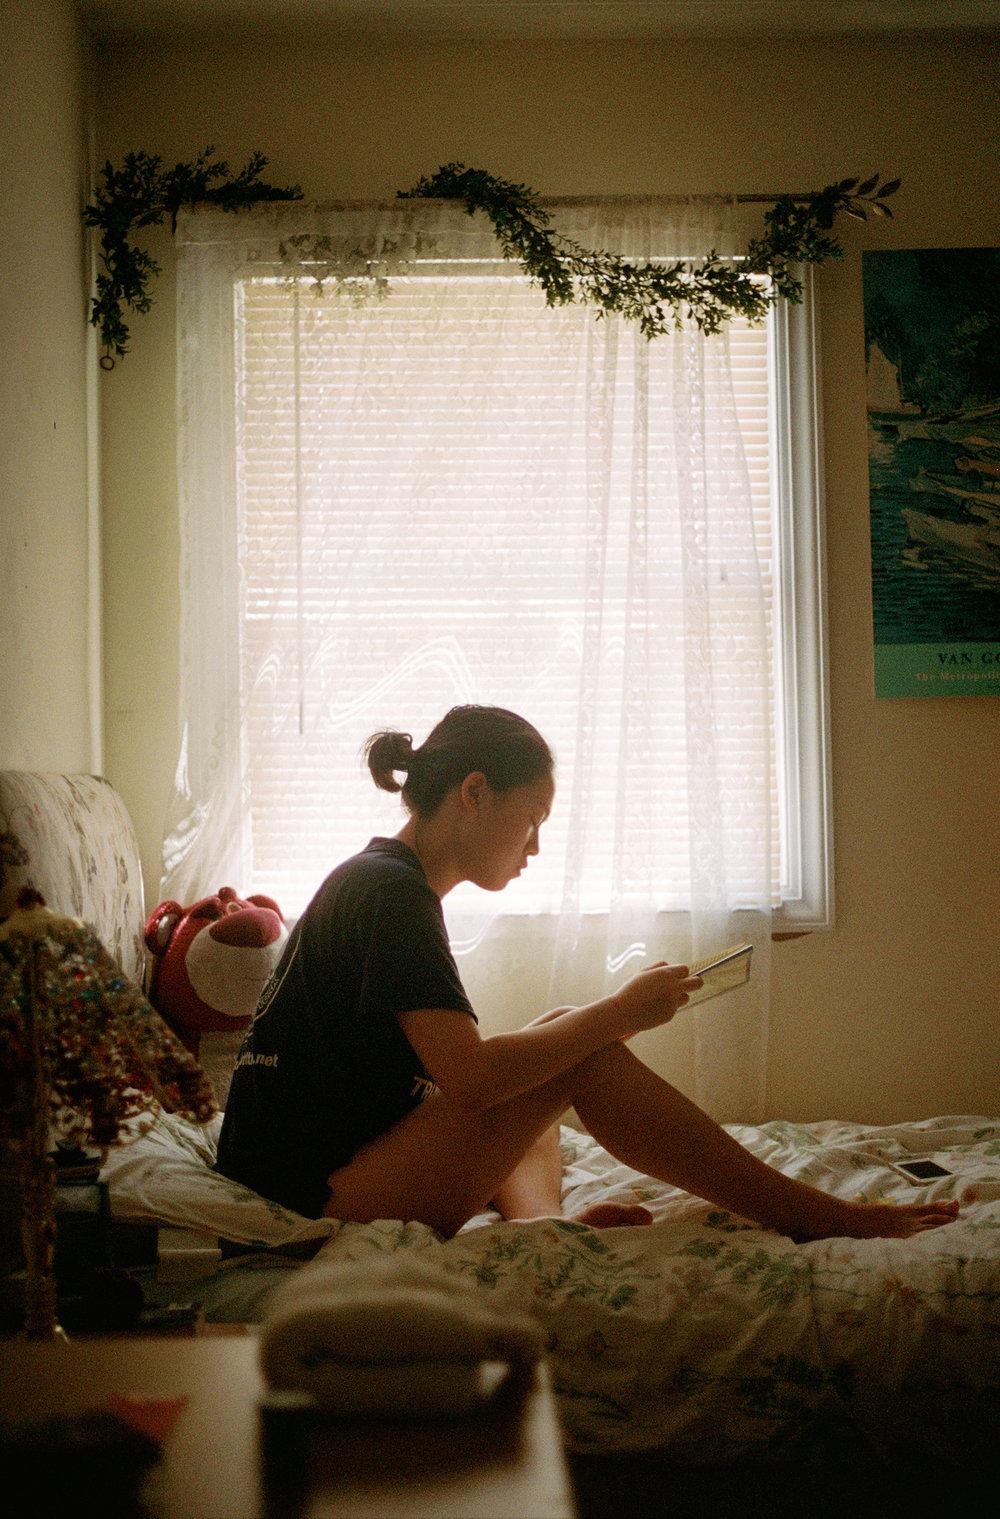 Megan Wang at Home. August 2017.